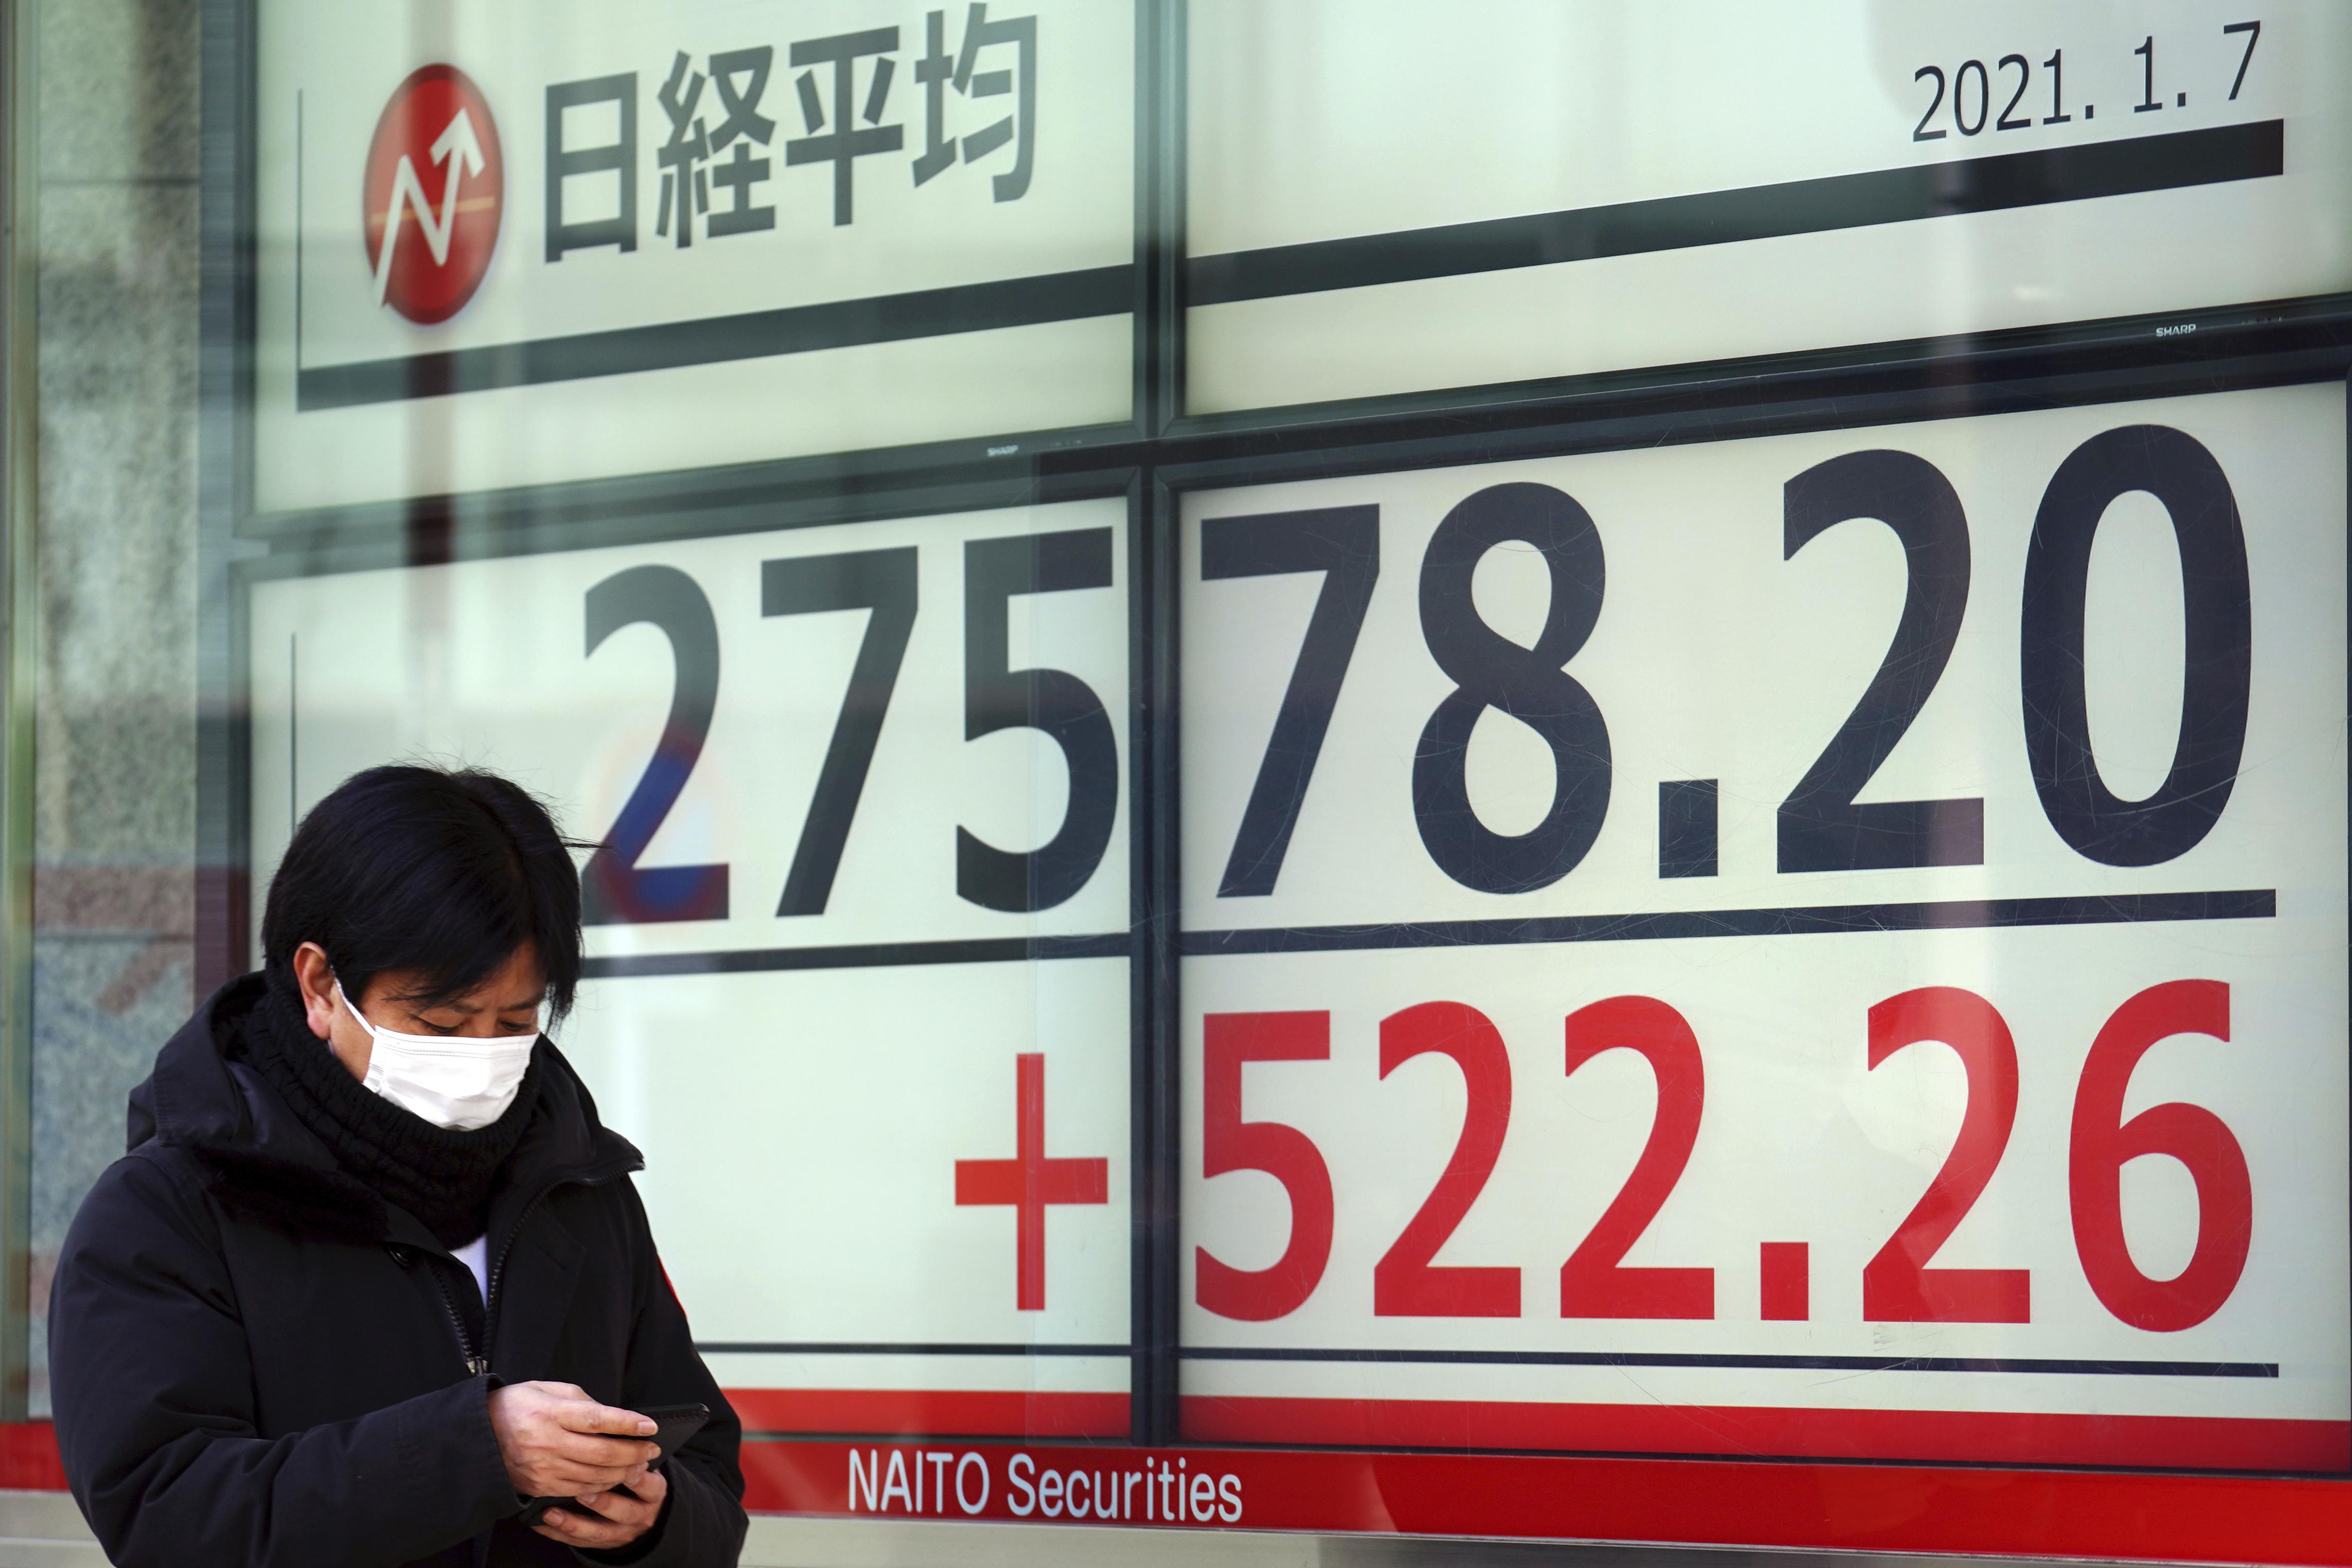 Chứng khoán châu Á trái chiều, Nikkei 225 tăng mạnh sau tin thủ tướng Nhật sắp từ chức